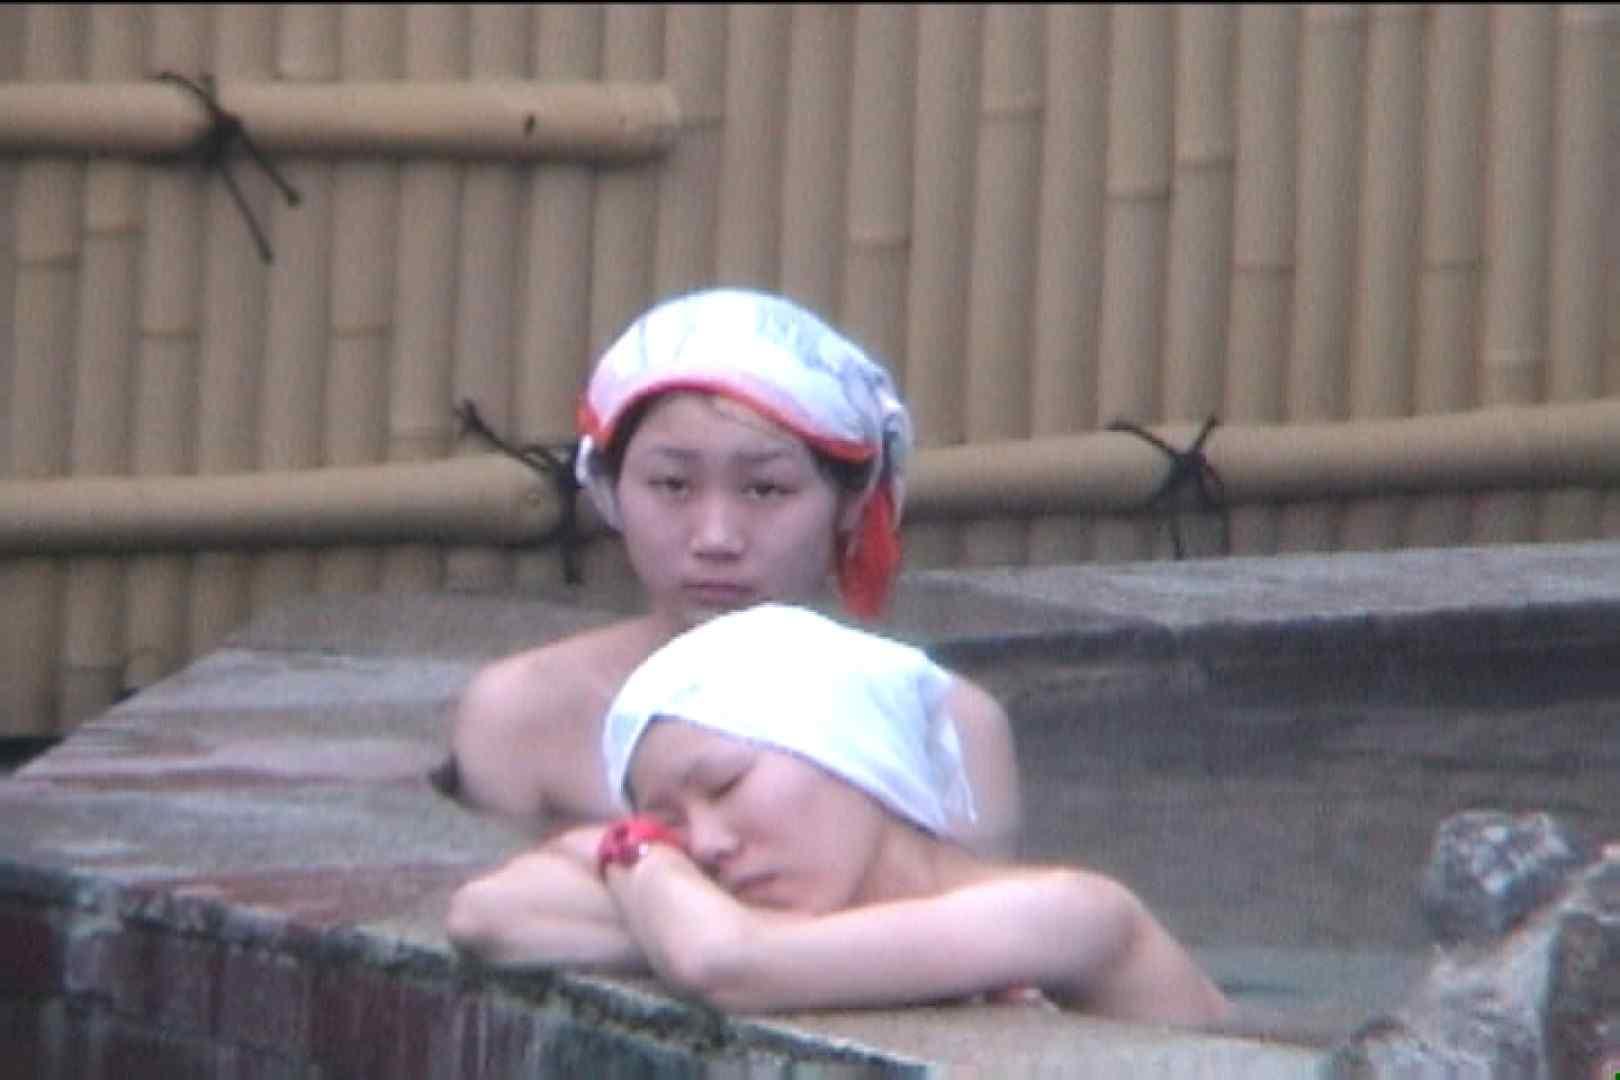 Aquaな露天風呂Vol.91【VIP限定】 露天 | 盗撮  109枚 46